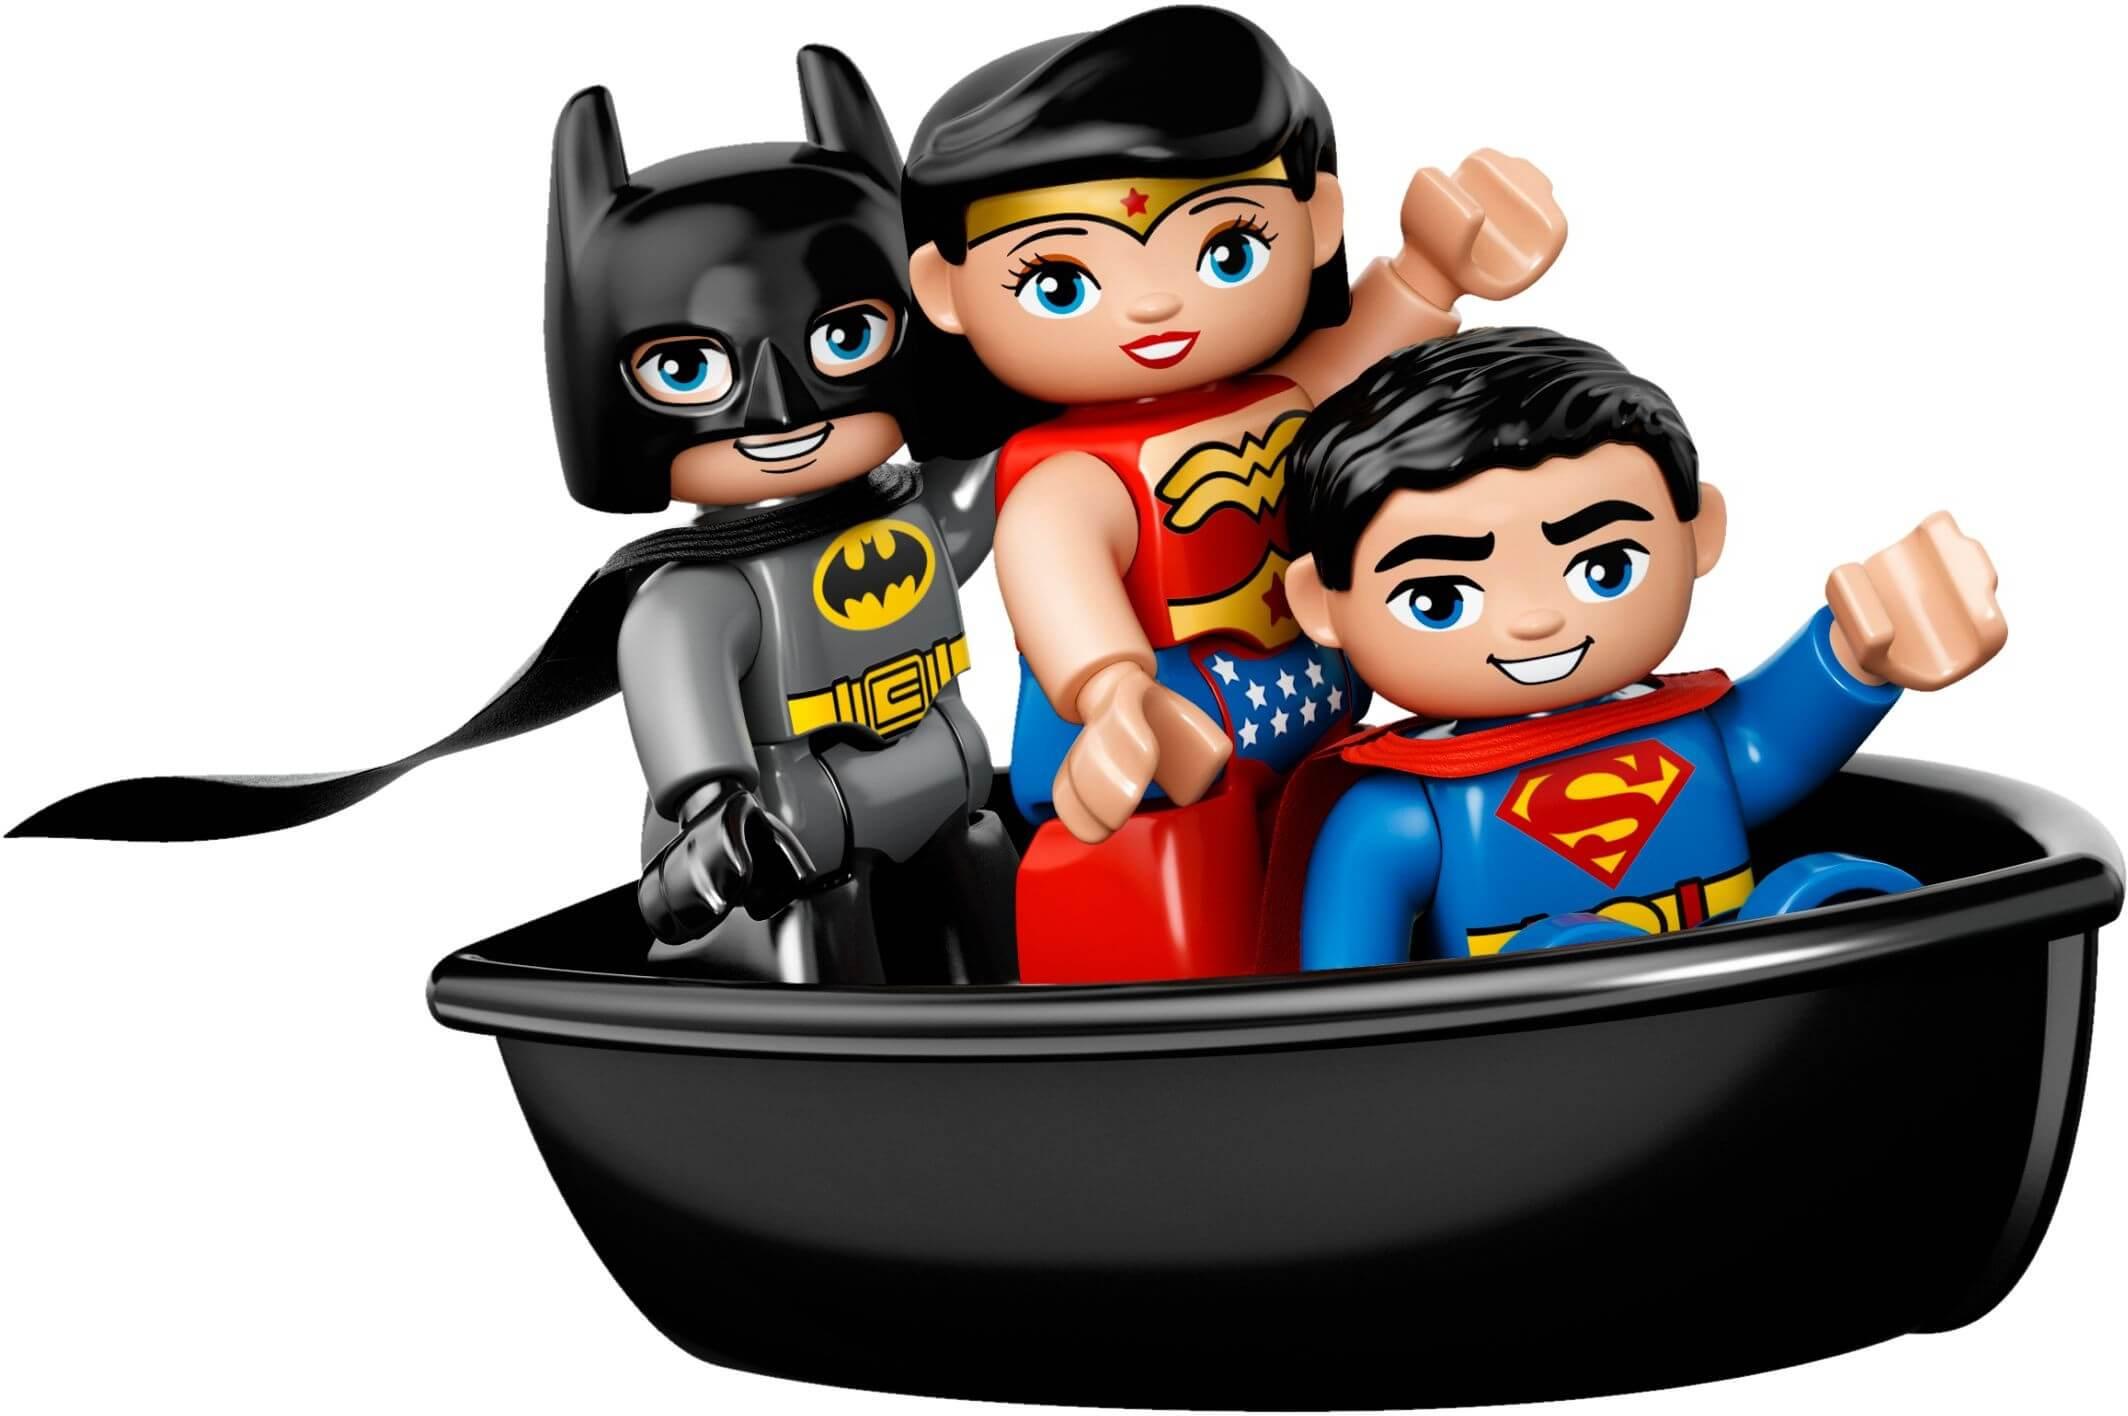 Mua đồ chơi LEGO 10599 - LEGO DUPLO 10599 - Người Dơi Batman và Siêu Nhân Superman (LEGO DUPLO Batman Adventure 10599)